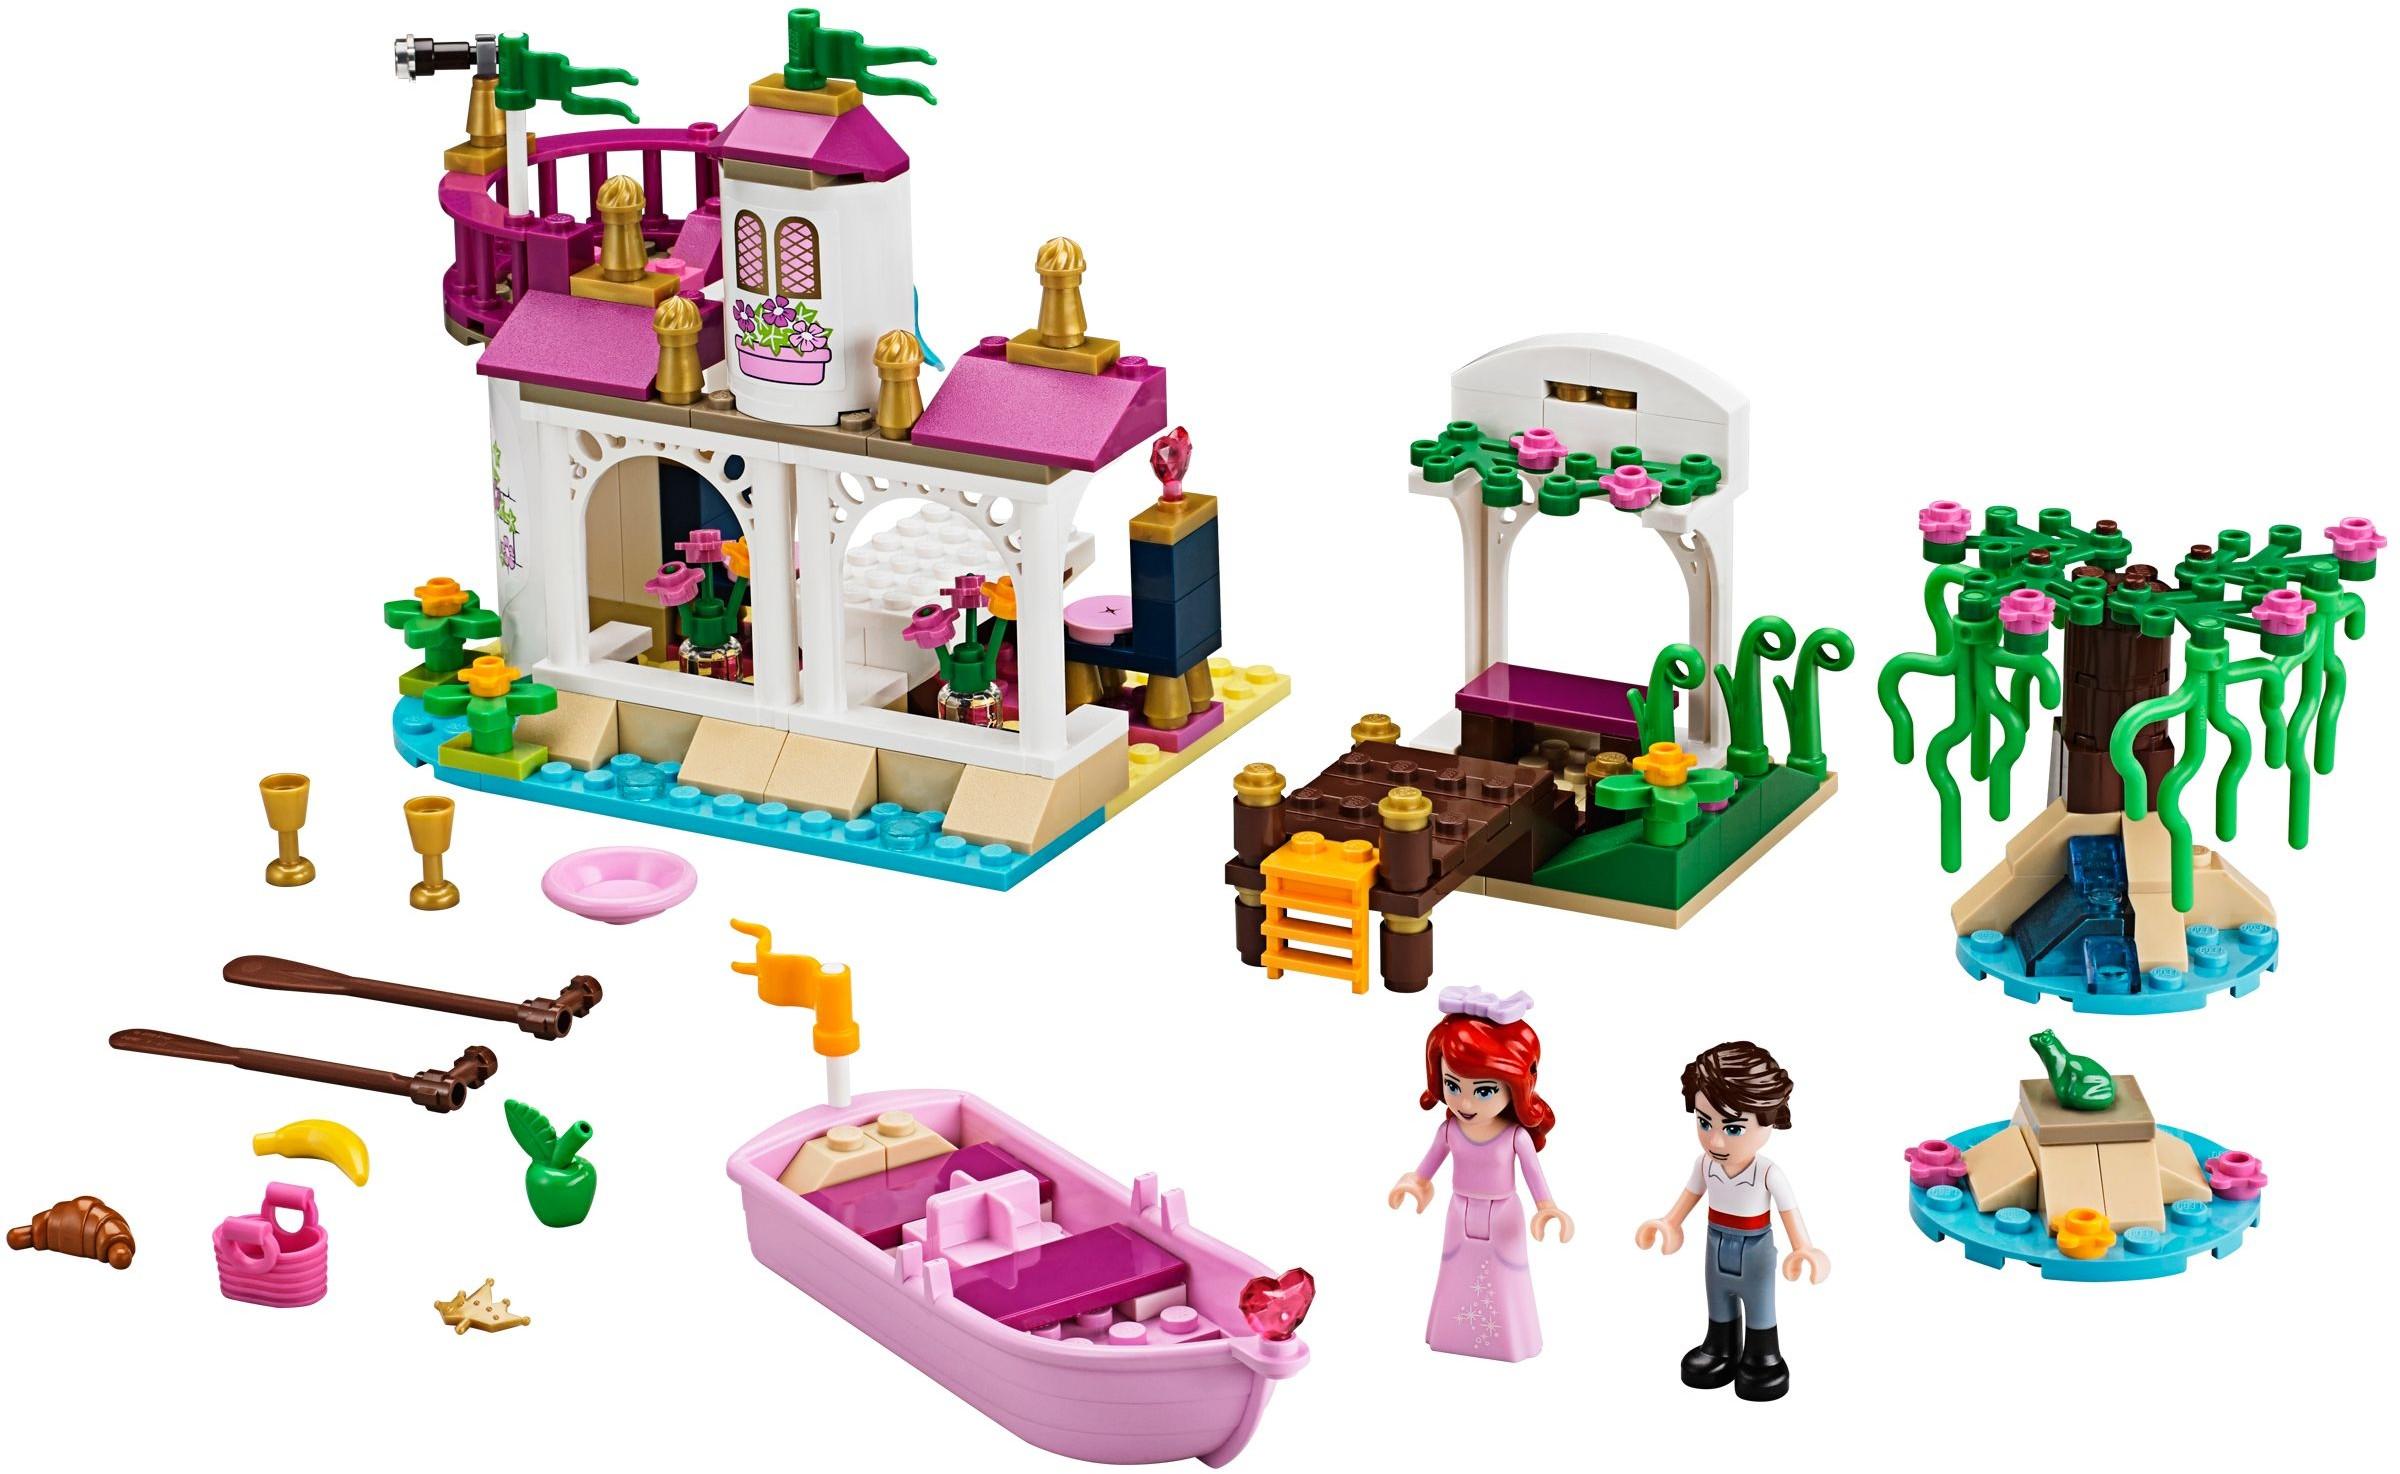 LEGO_Ariel_Set